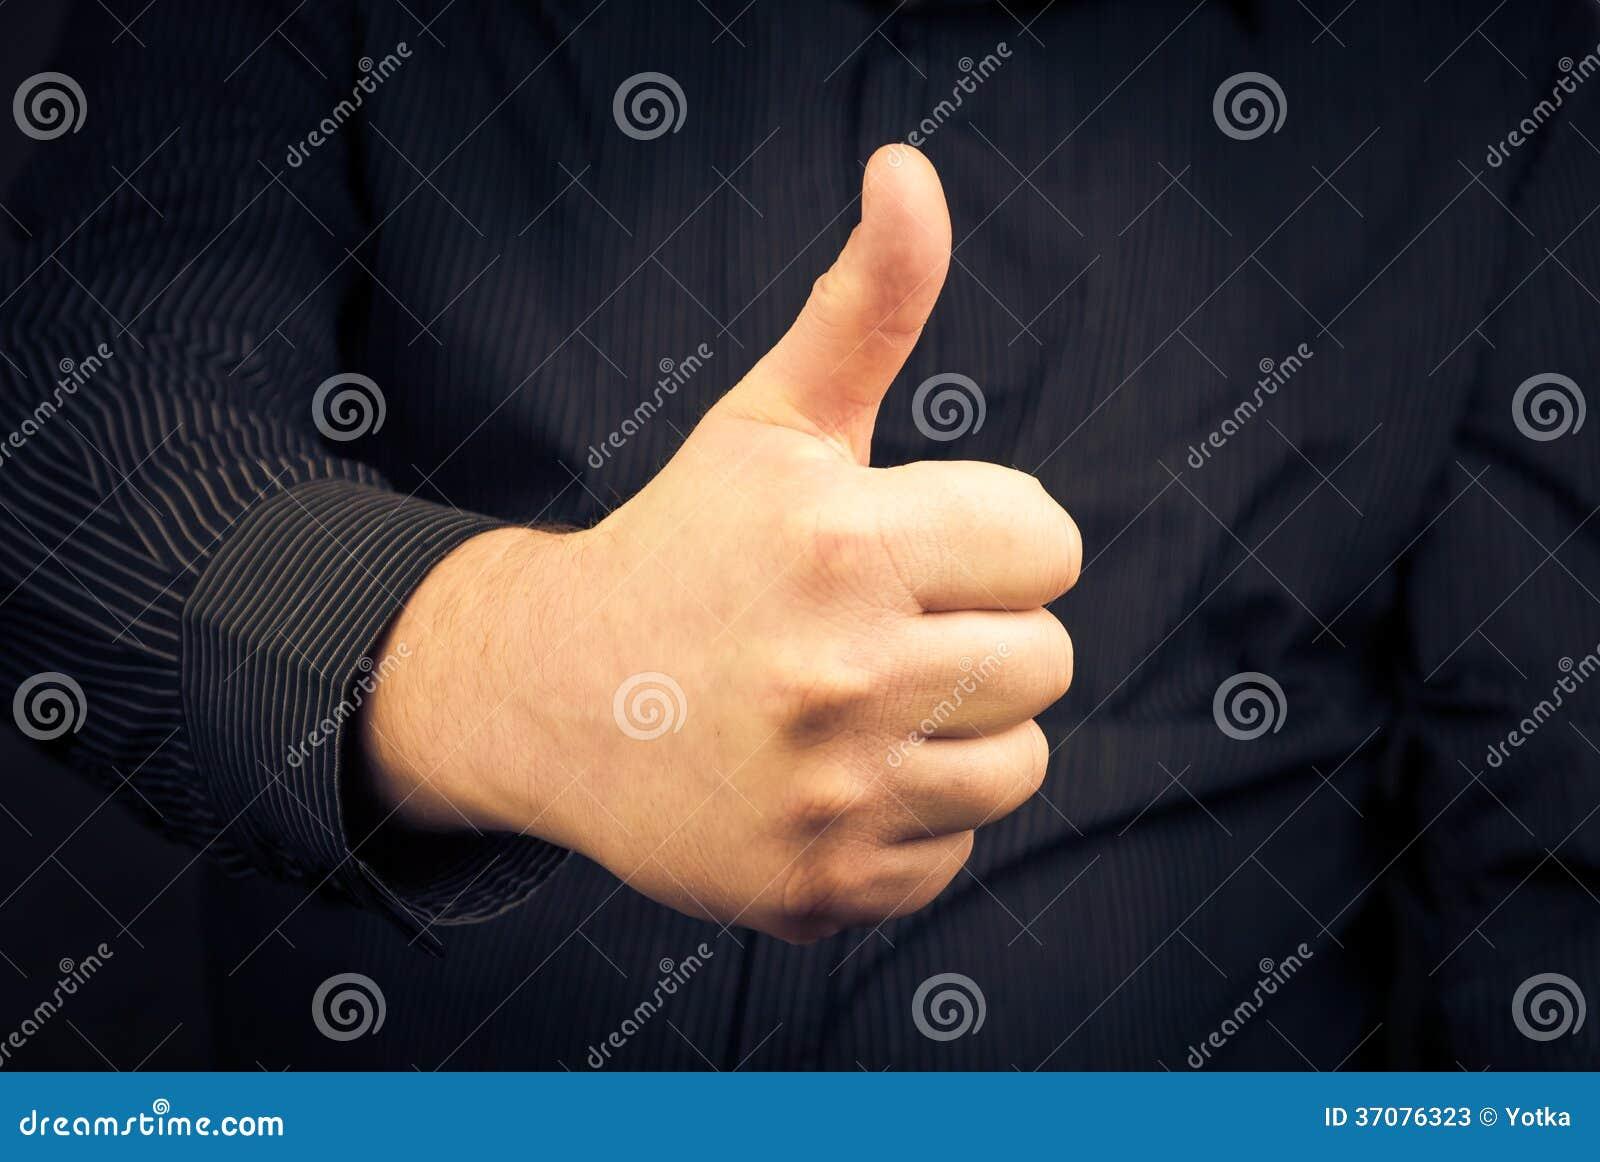 Download Zbliżenie Mężczyzna Ręka Pokazuje Kciuk Obraz Stock - Obraz złożonej z postura, język: 37076323